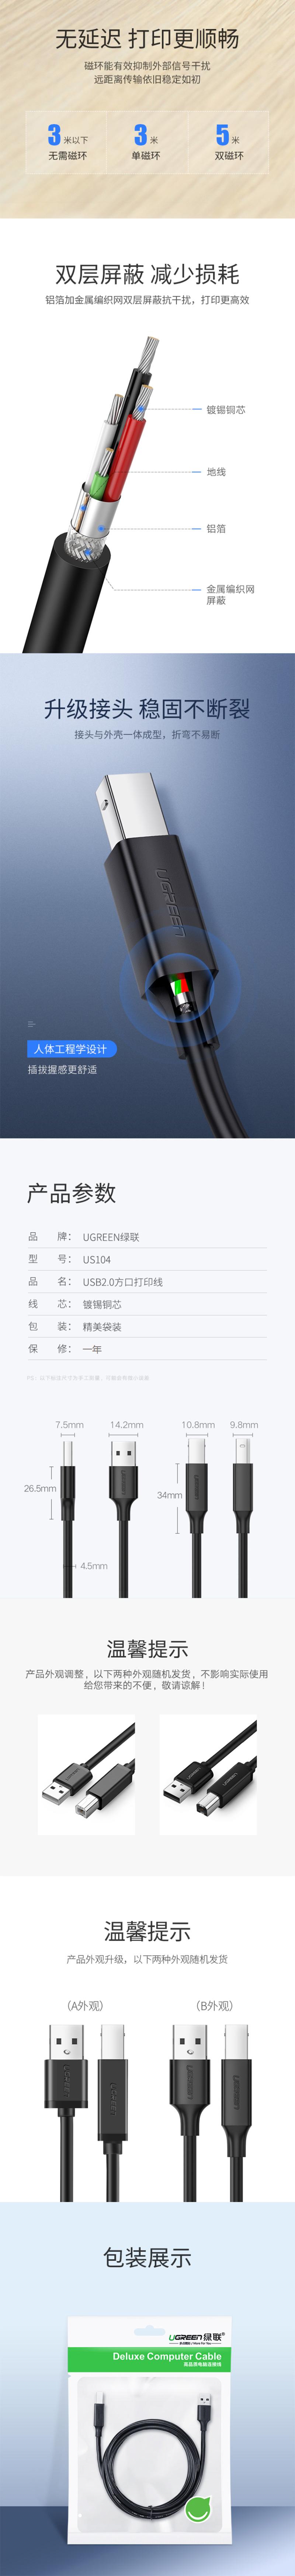 绿联10329 黑色USB2.0 1口集线器 详情页